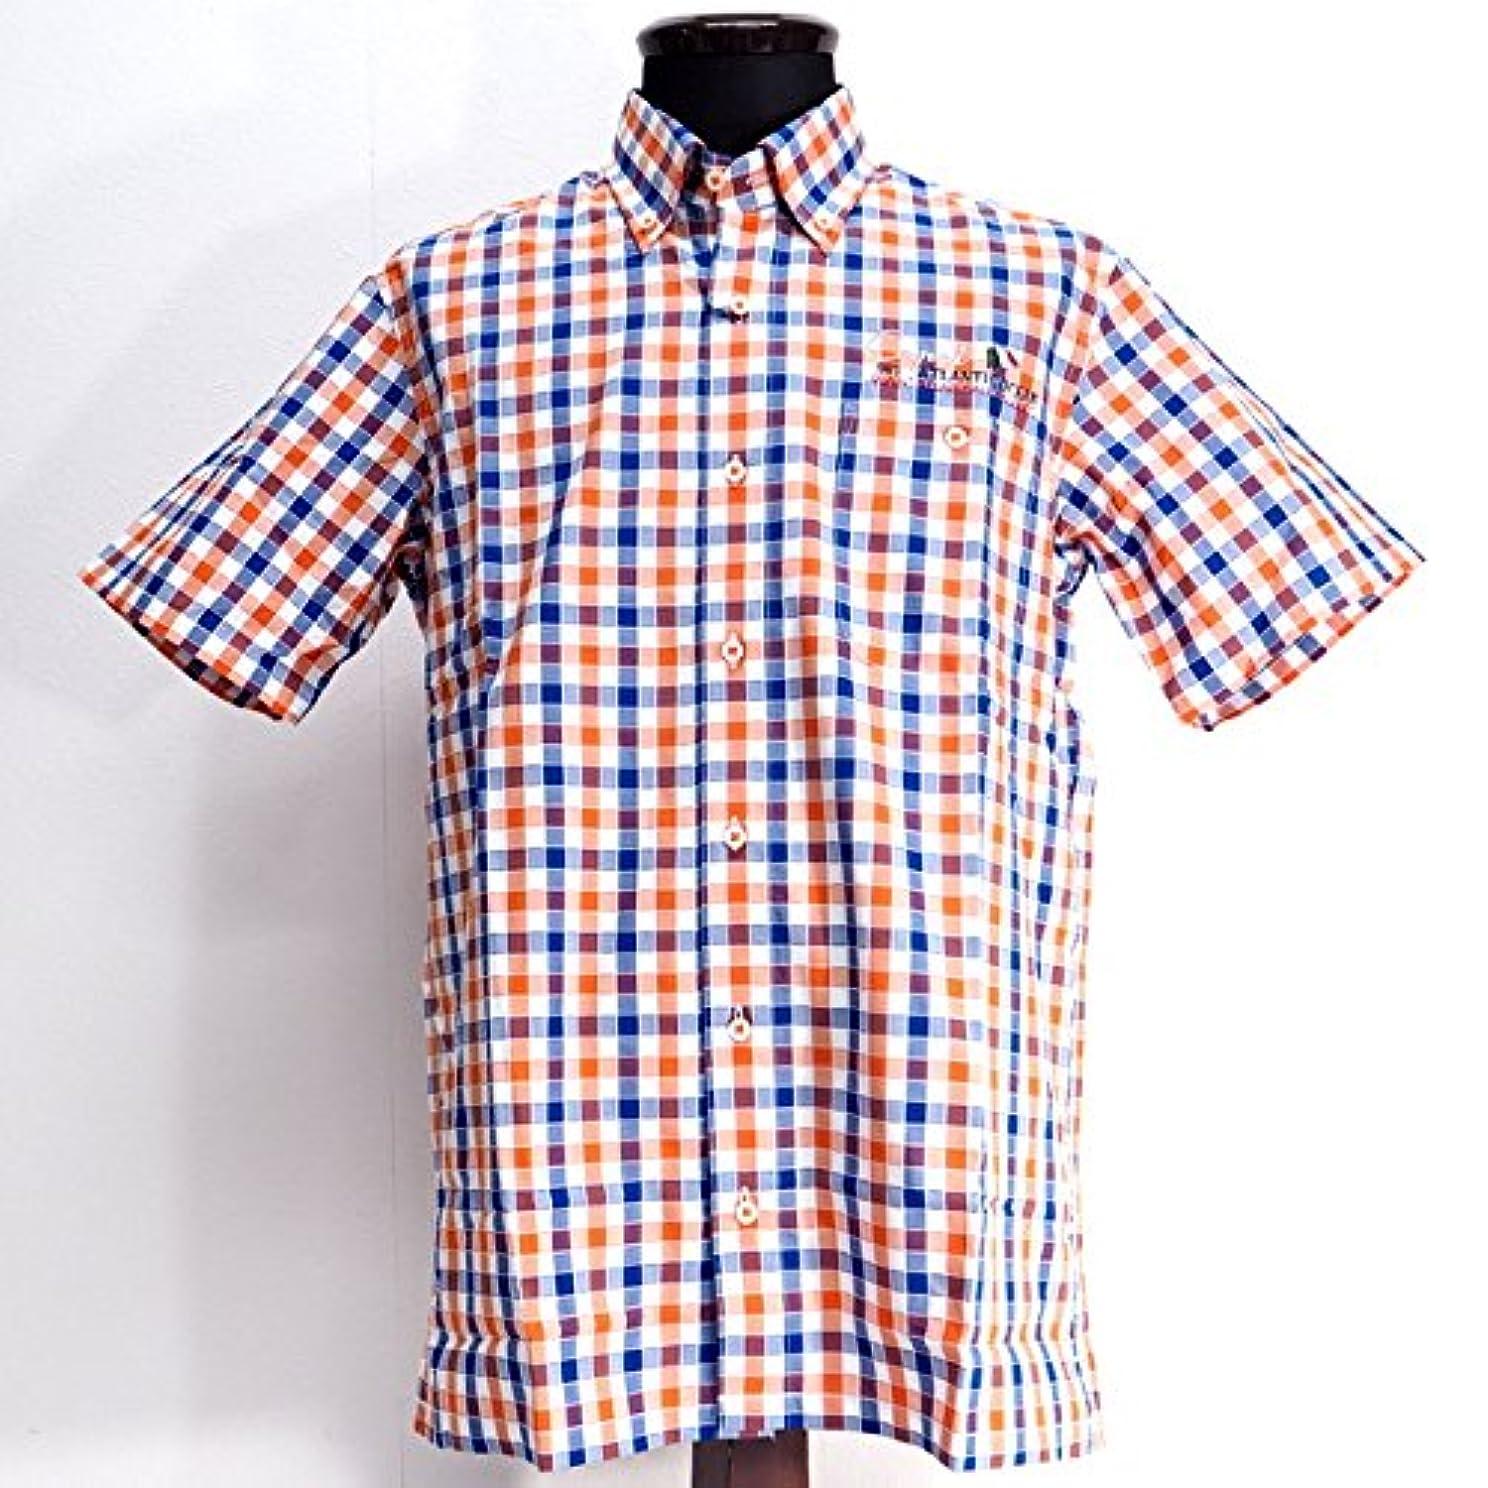 再編成する入札ふさわしい30434 春夏 チェック柄ボタンダウンシャツ 半袖 オレンジ サイズ 48(L) CAPRI カプリ 紳士服 メンズ 男性用